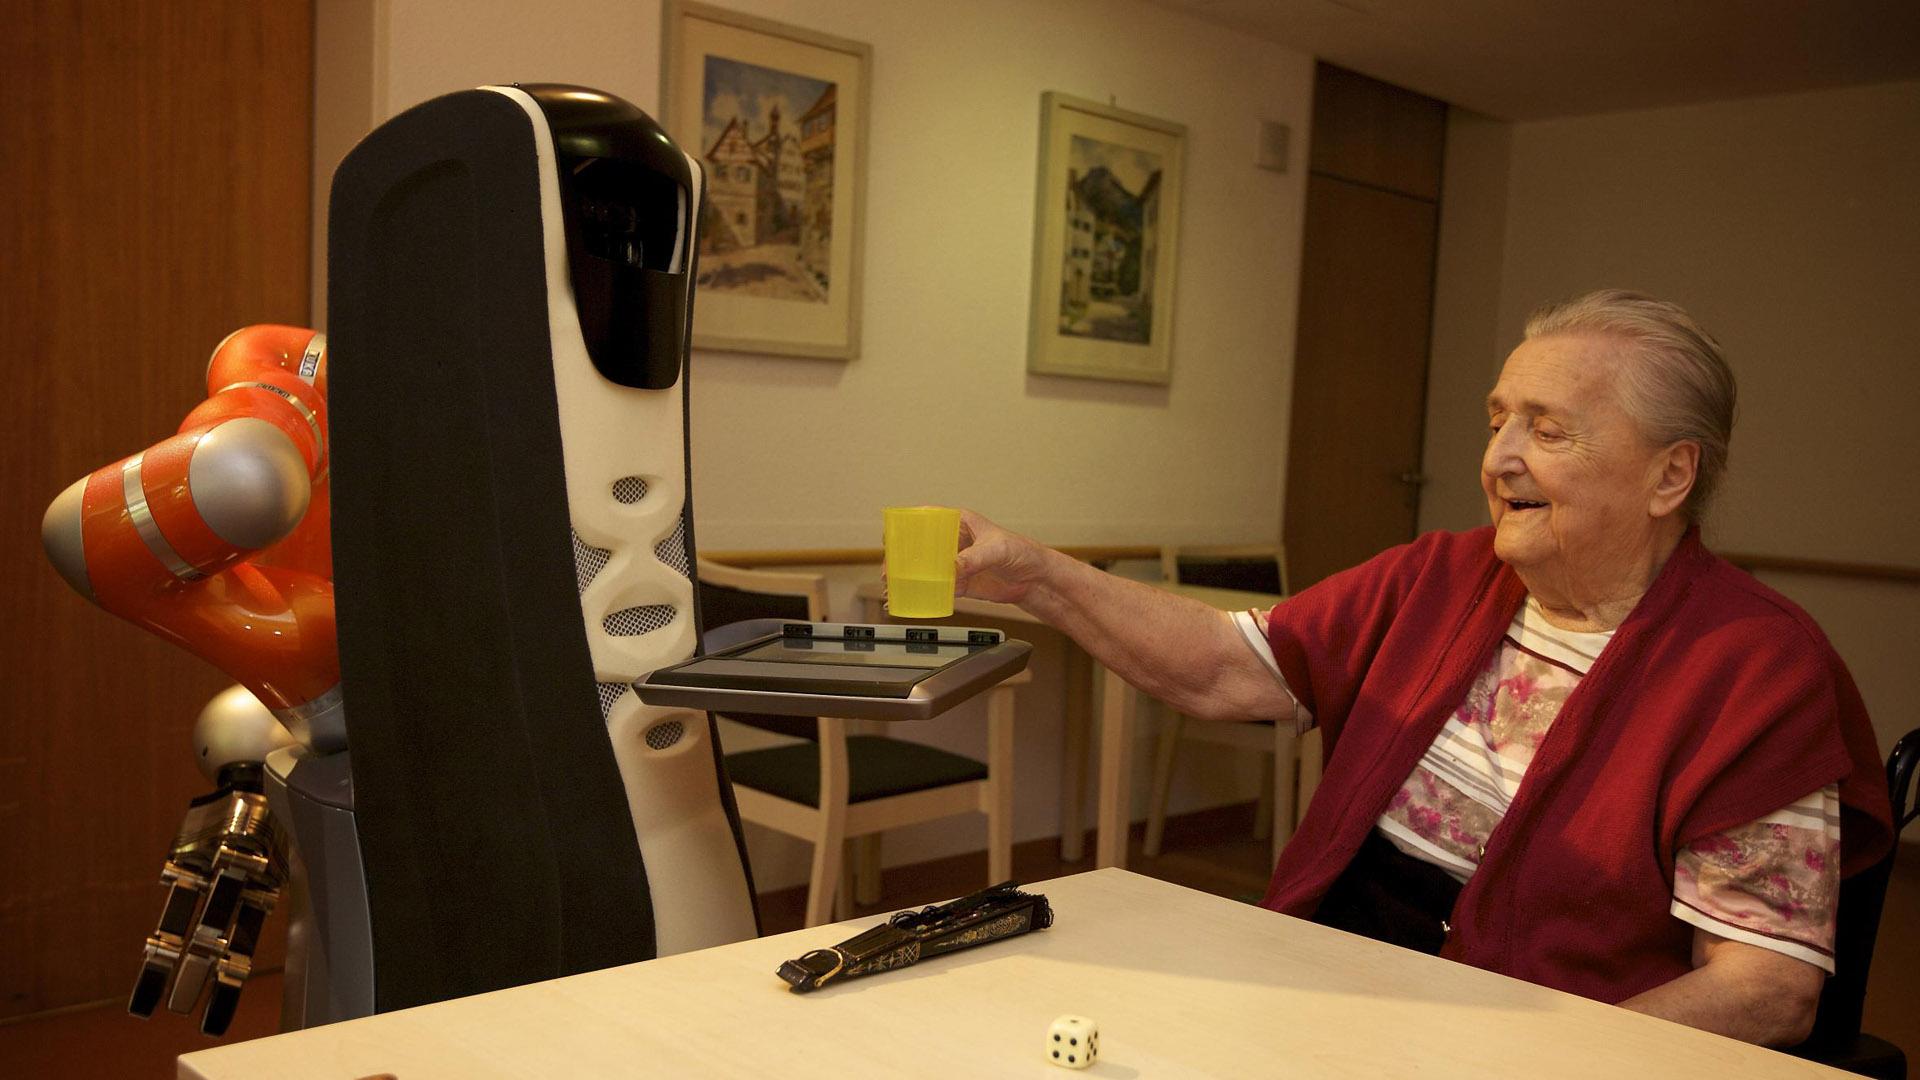 Assistenzroboter wie der Care-O-Bot 3 des Fraunhofer-Instituts können zum Beispiel im Pflegebereich eine hilfreiche Unterstützung sein. Eine soziale Beziehung zu Menschen können die Maschinen aber nur simulieren. Zwischenmenschliche Begegnungen haben einen einzigartigen Charakter.